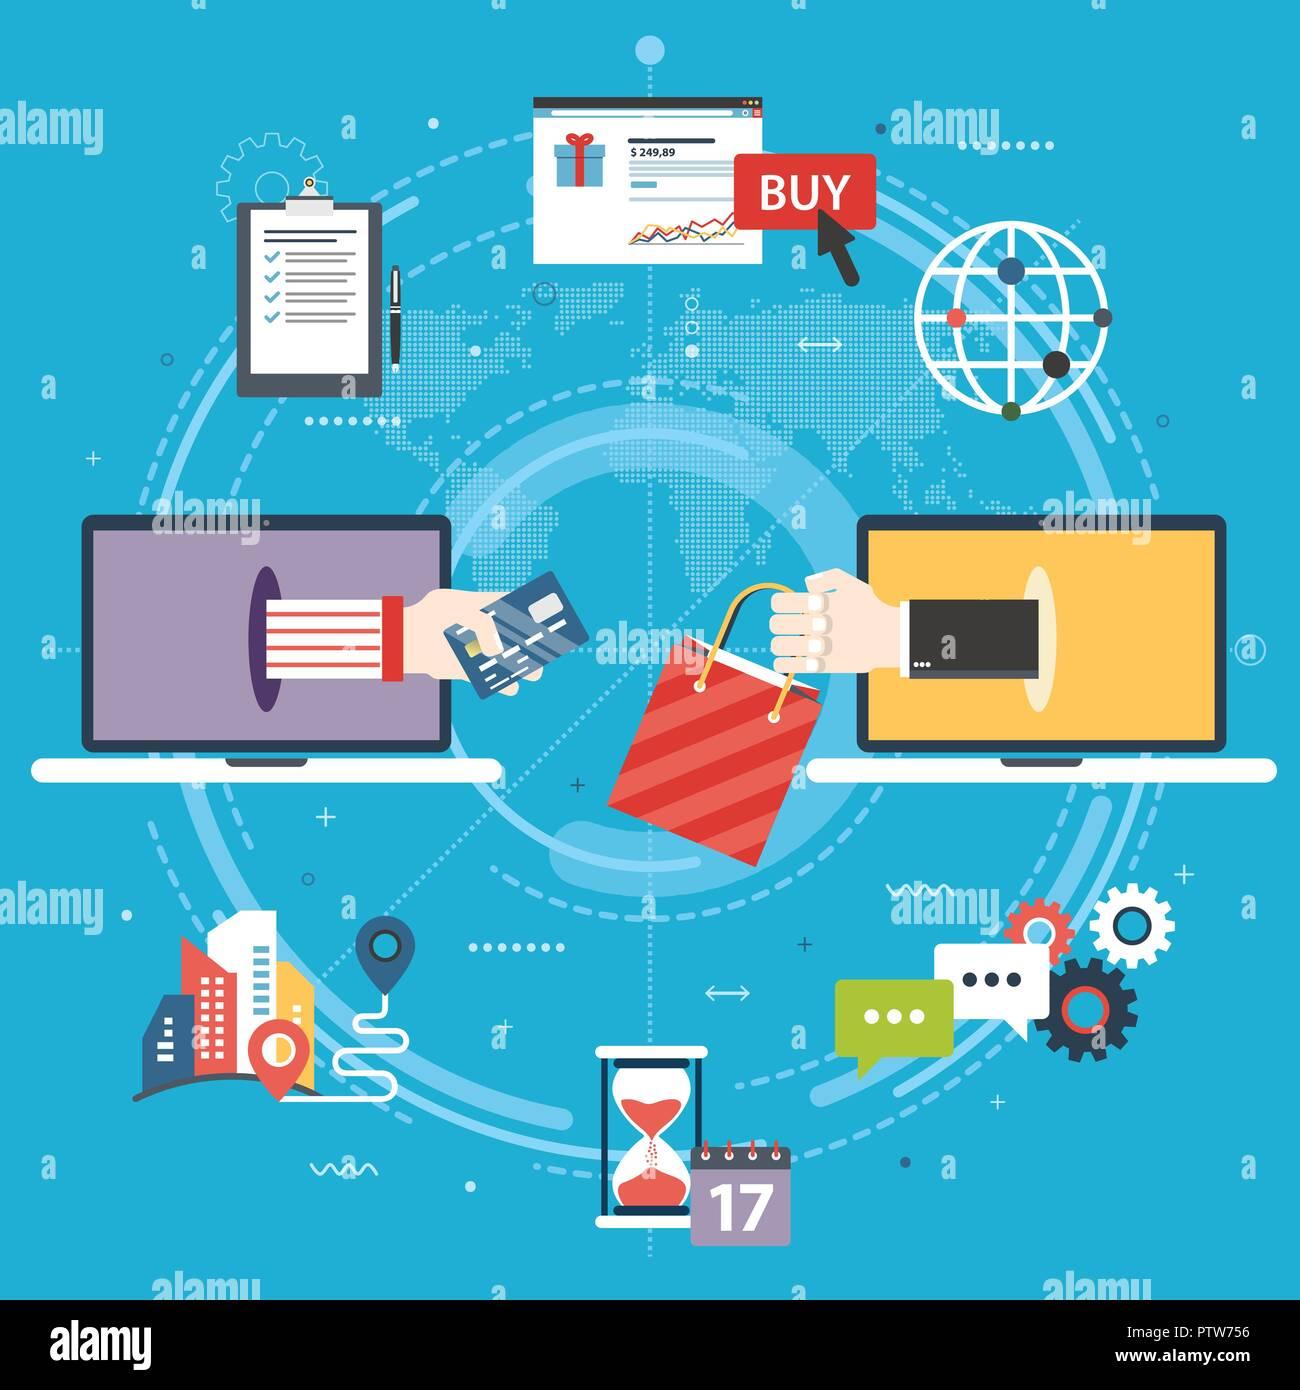 c5024d2718 Acquisto, vendita, di pagamento e di consegna del prodotto. L'E-commerce, shopping  online, con carta di credito, laptop, supporto e consegna copie